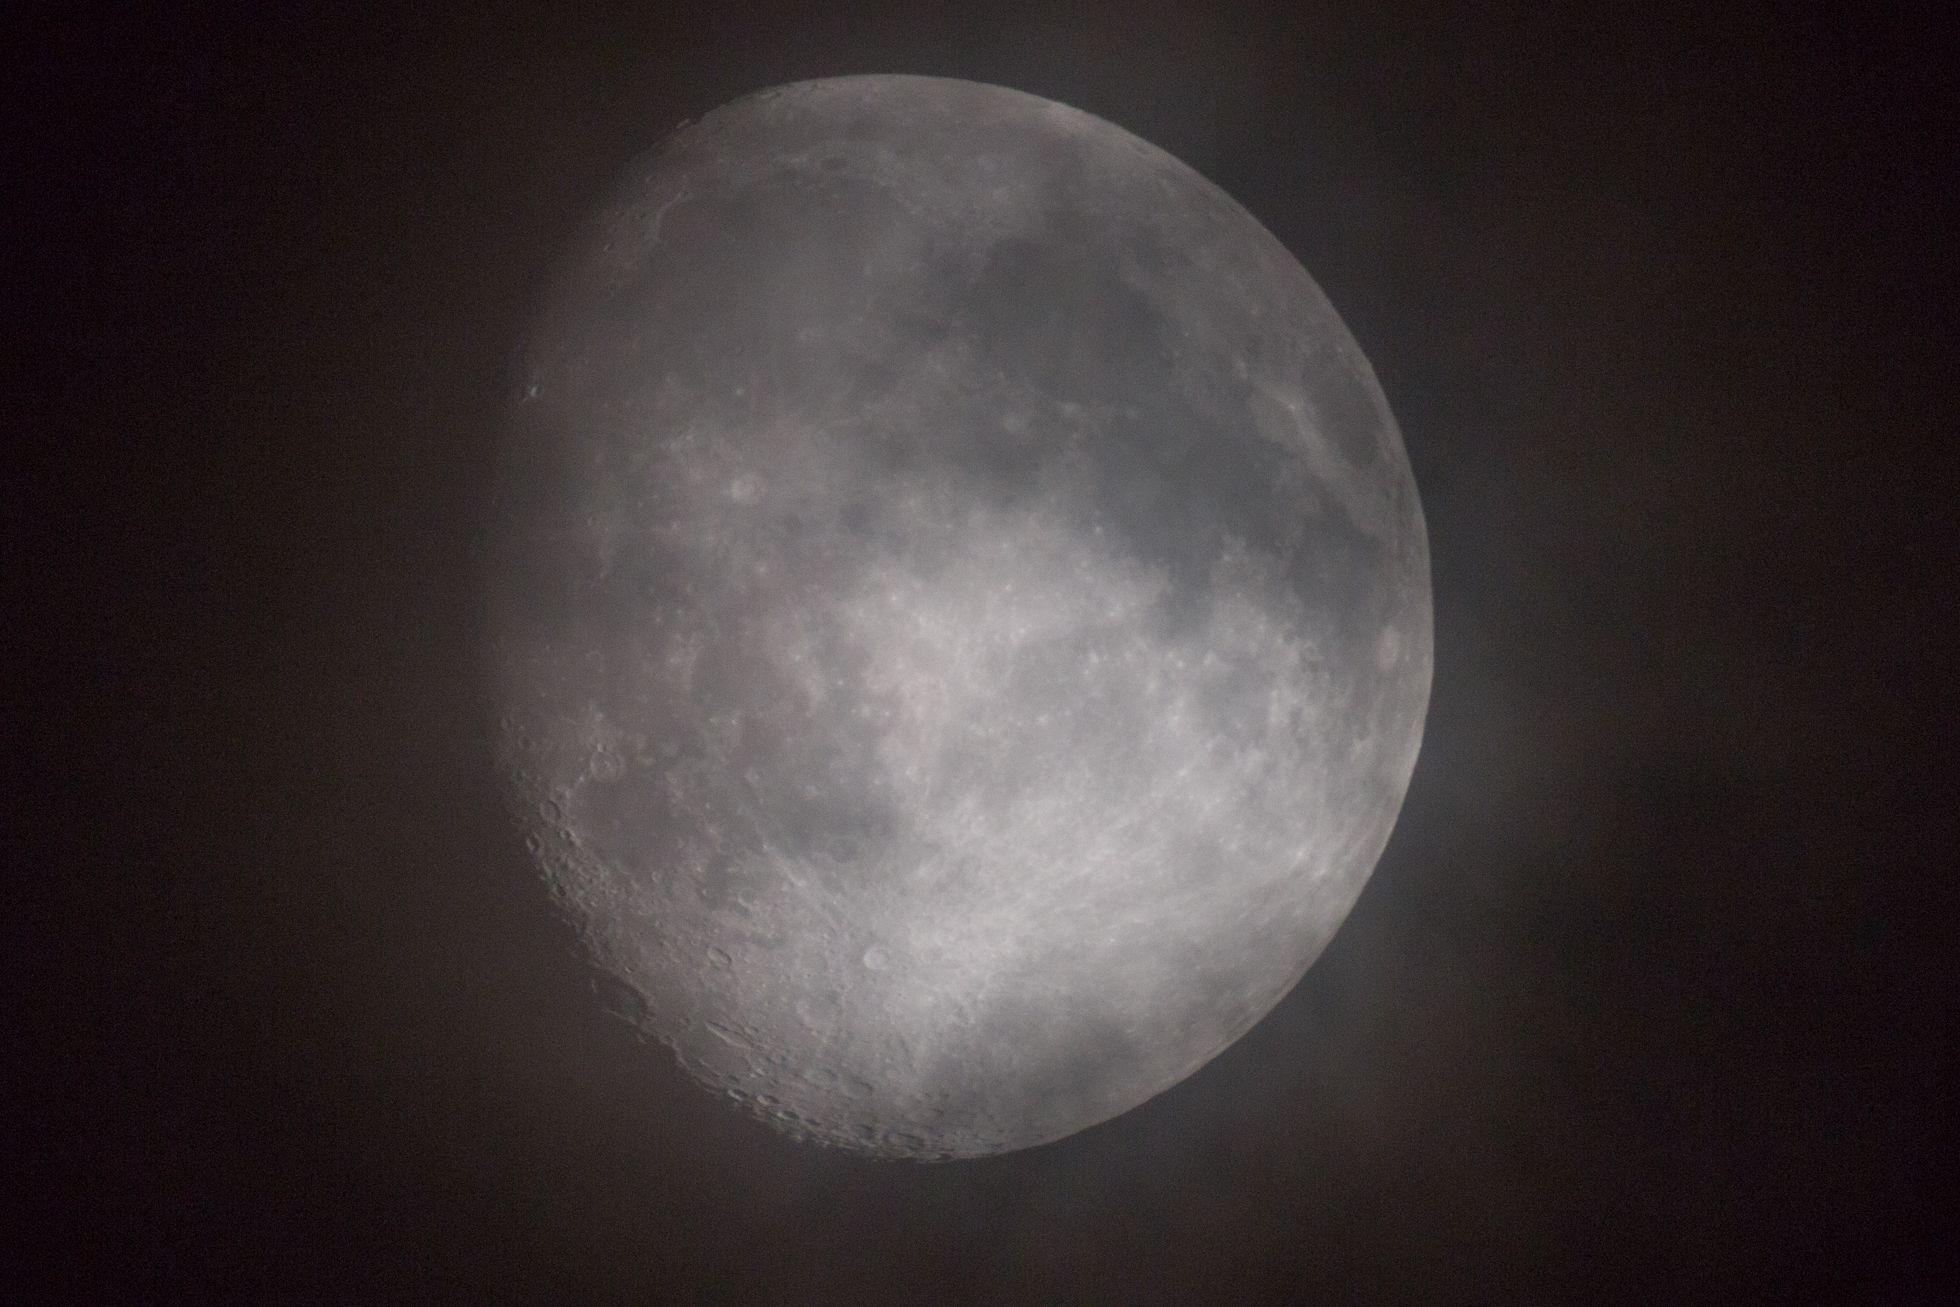 Digiskopie ausprobiert: Ich schau dir in die Augen, Wildes! - Oder der Mond. (Foto: Werner Pluta/Golem.de)